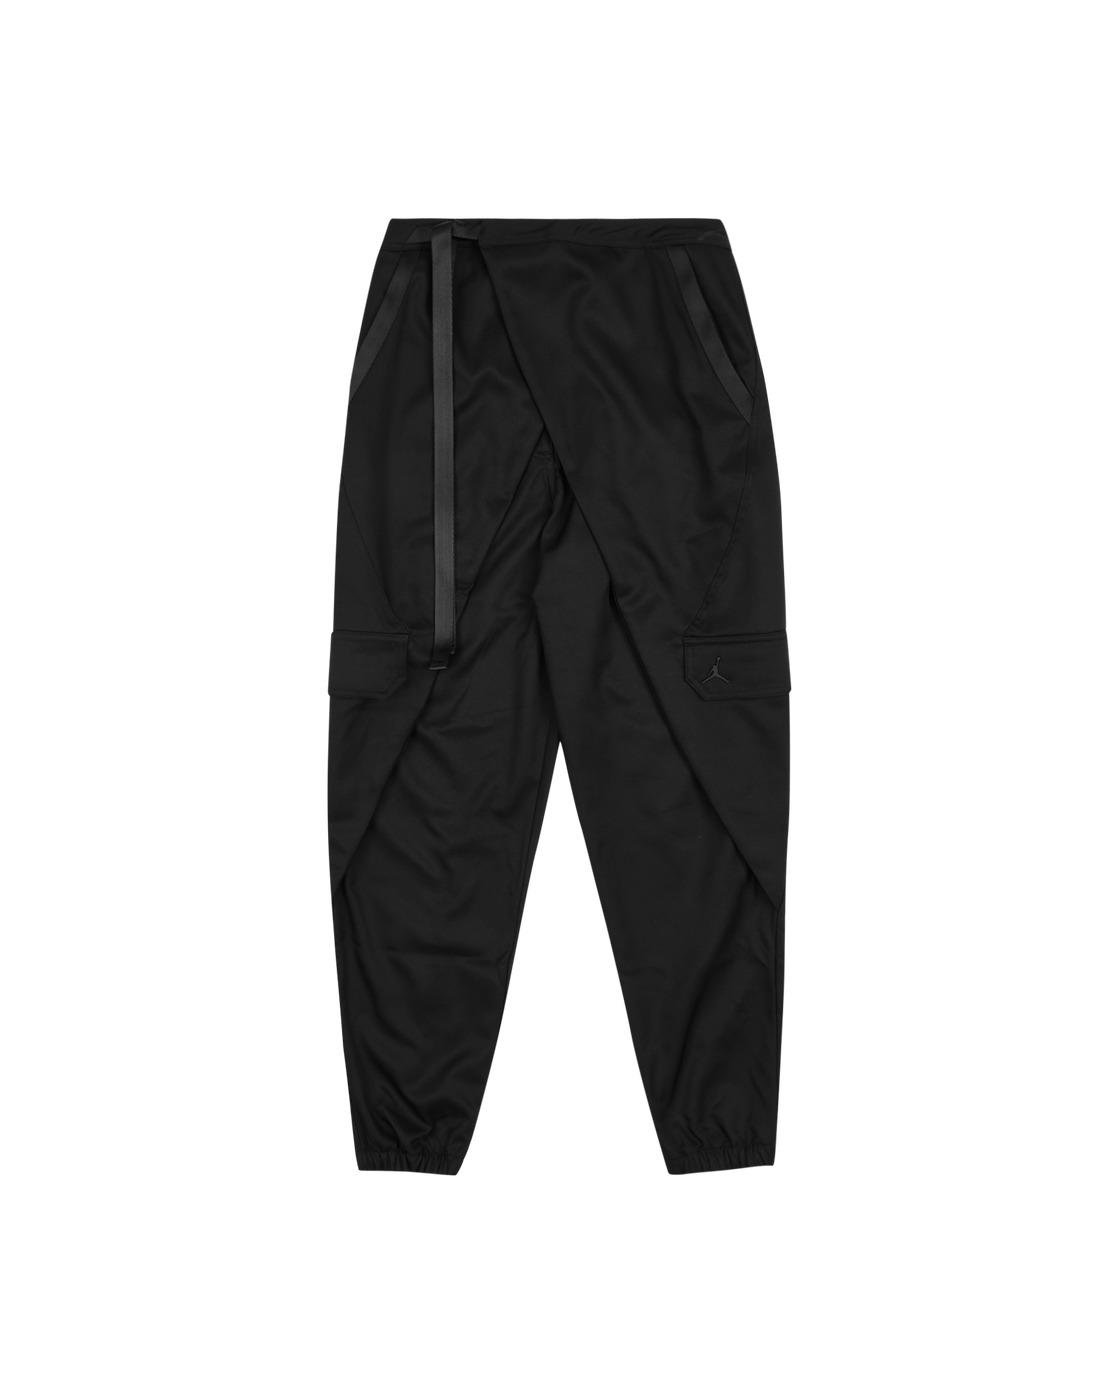 Photo: Nike Jordan Utility Track Pants Black/Black/